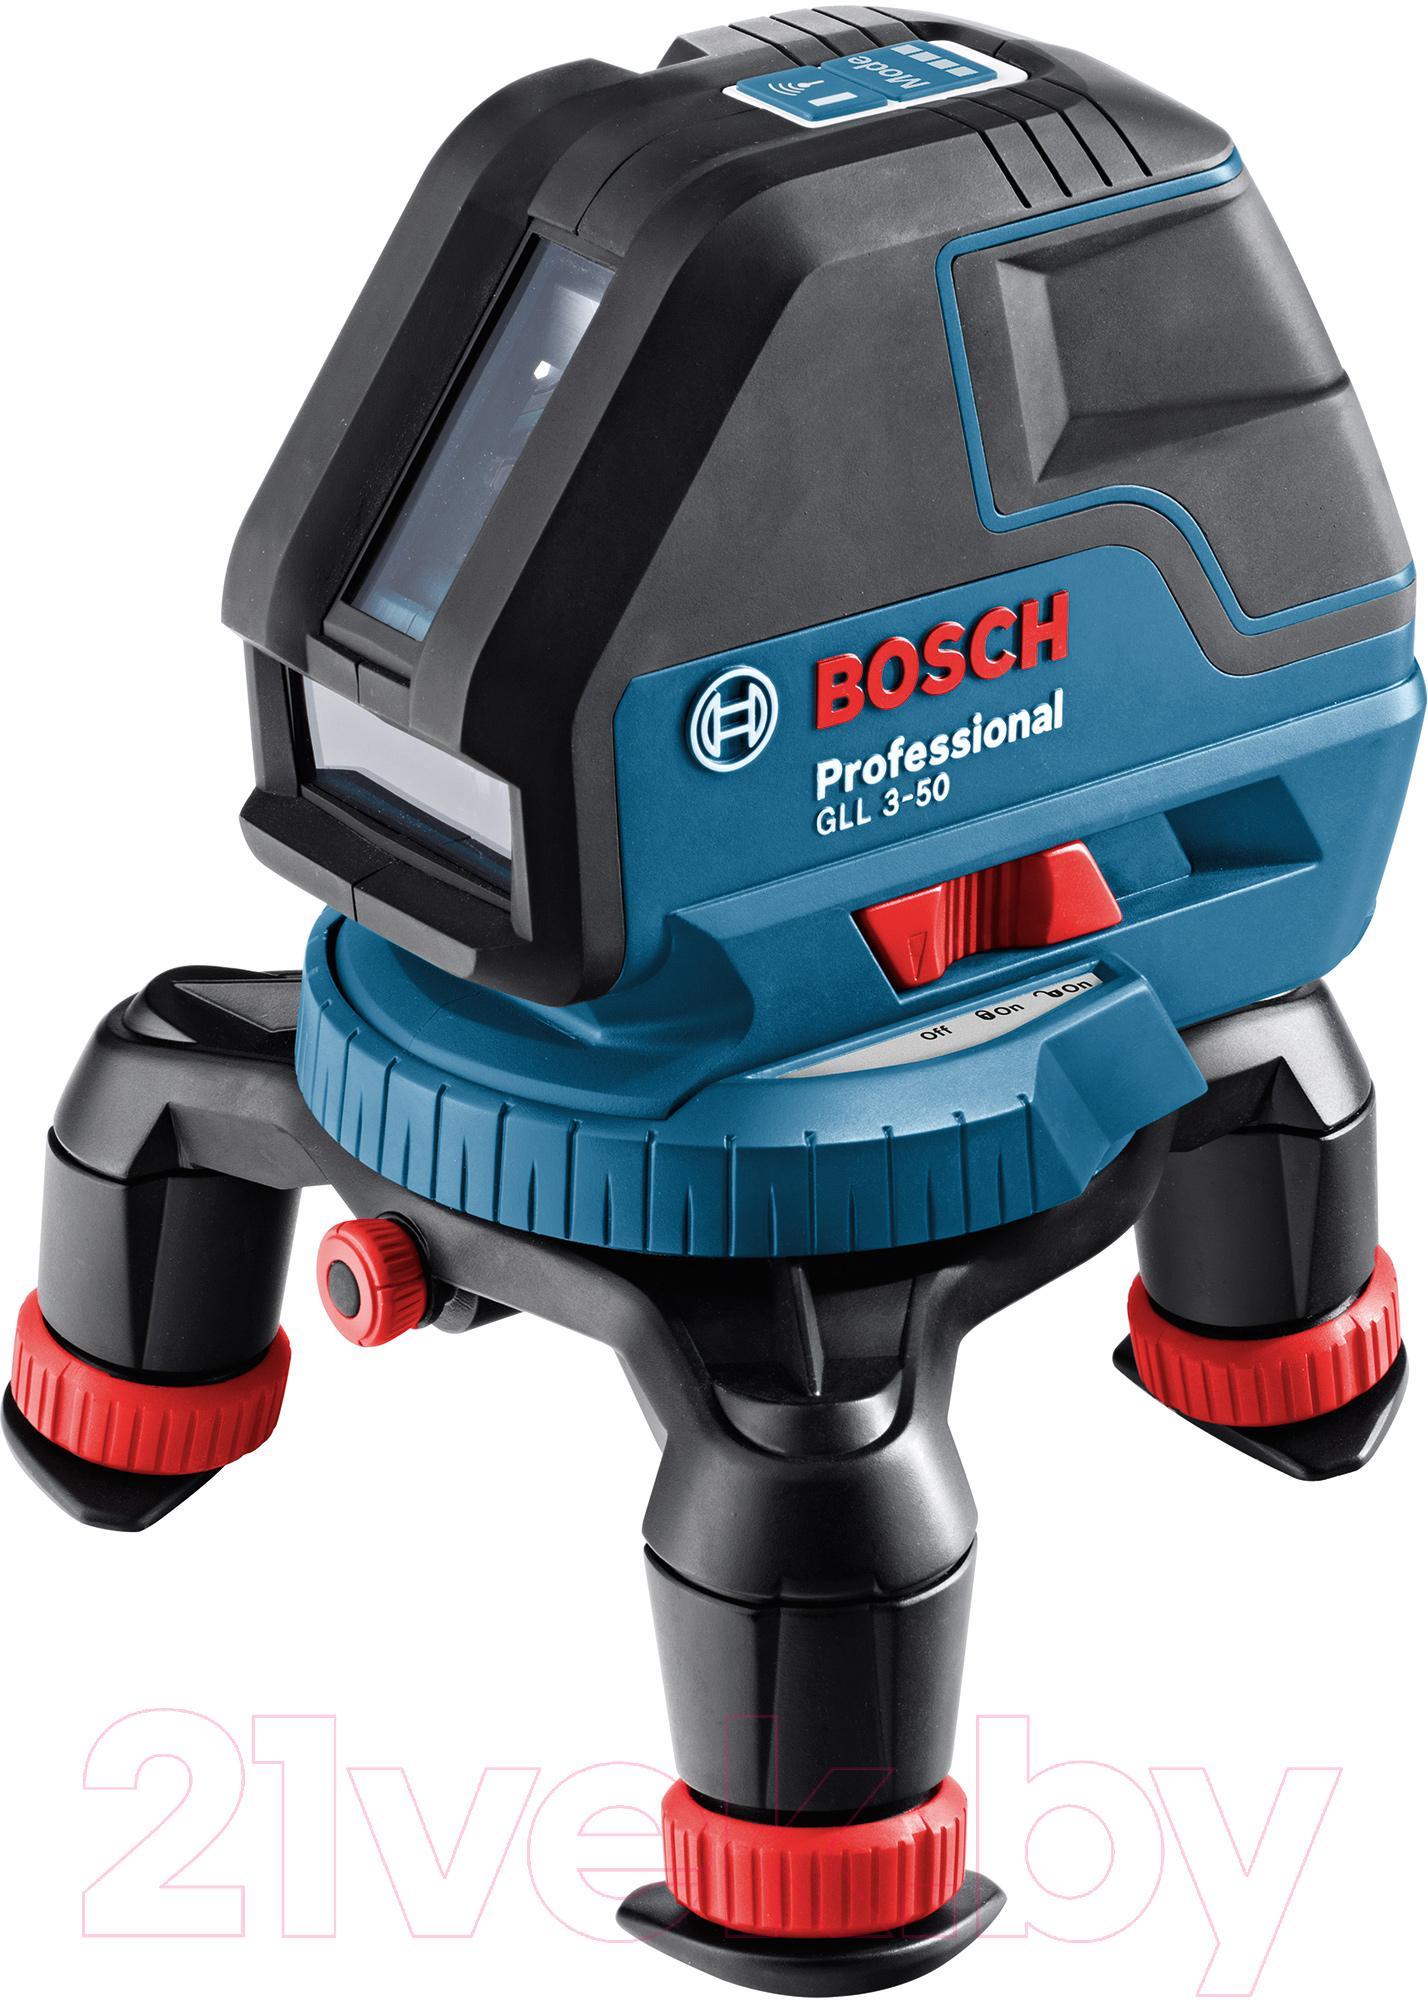 Купить Нивелир Bosch, GLL 3-50 (0.601.063.800), Китай